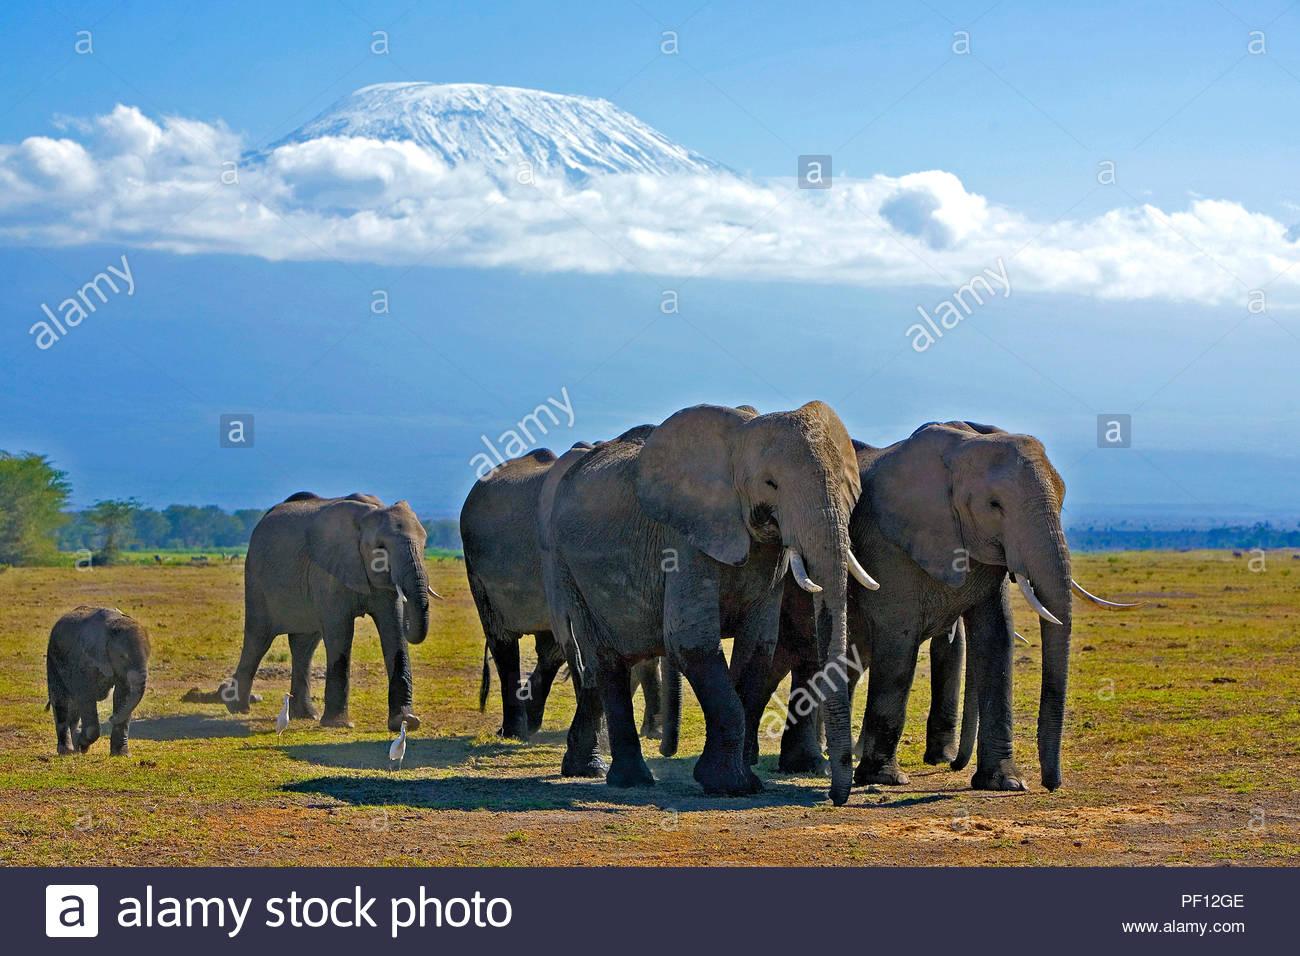 African bush elephant or African elephant (Loxodonta africana), herd at Mount Kilimanjaro, Amboseli Nationalpark, Kenya - Stock Image